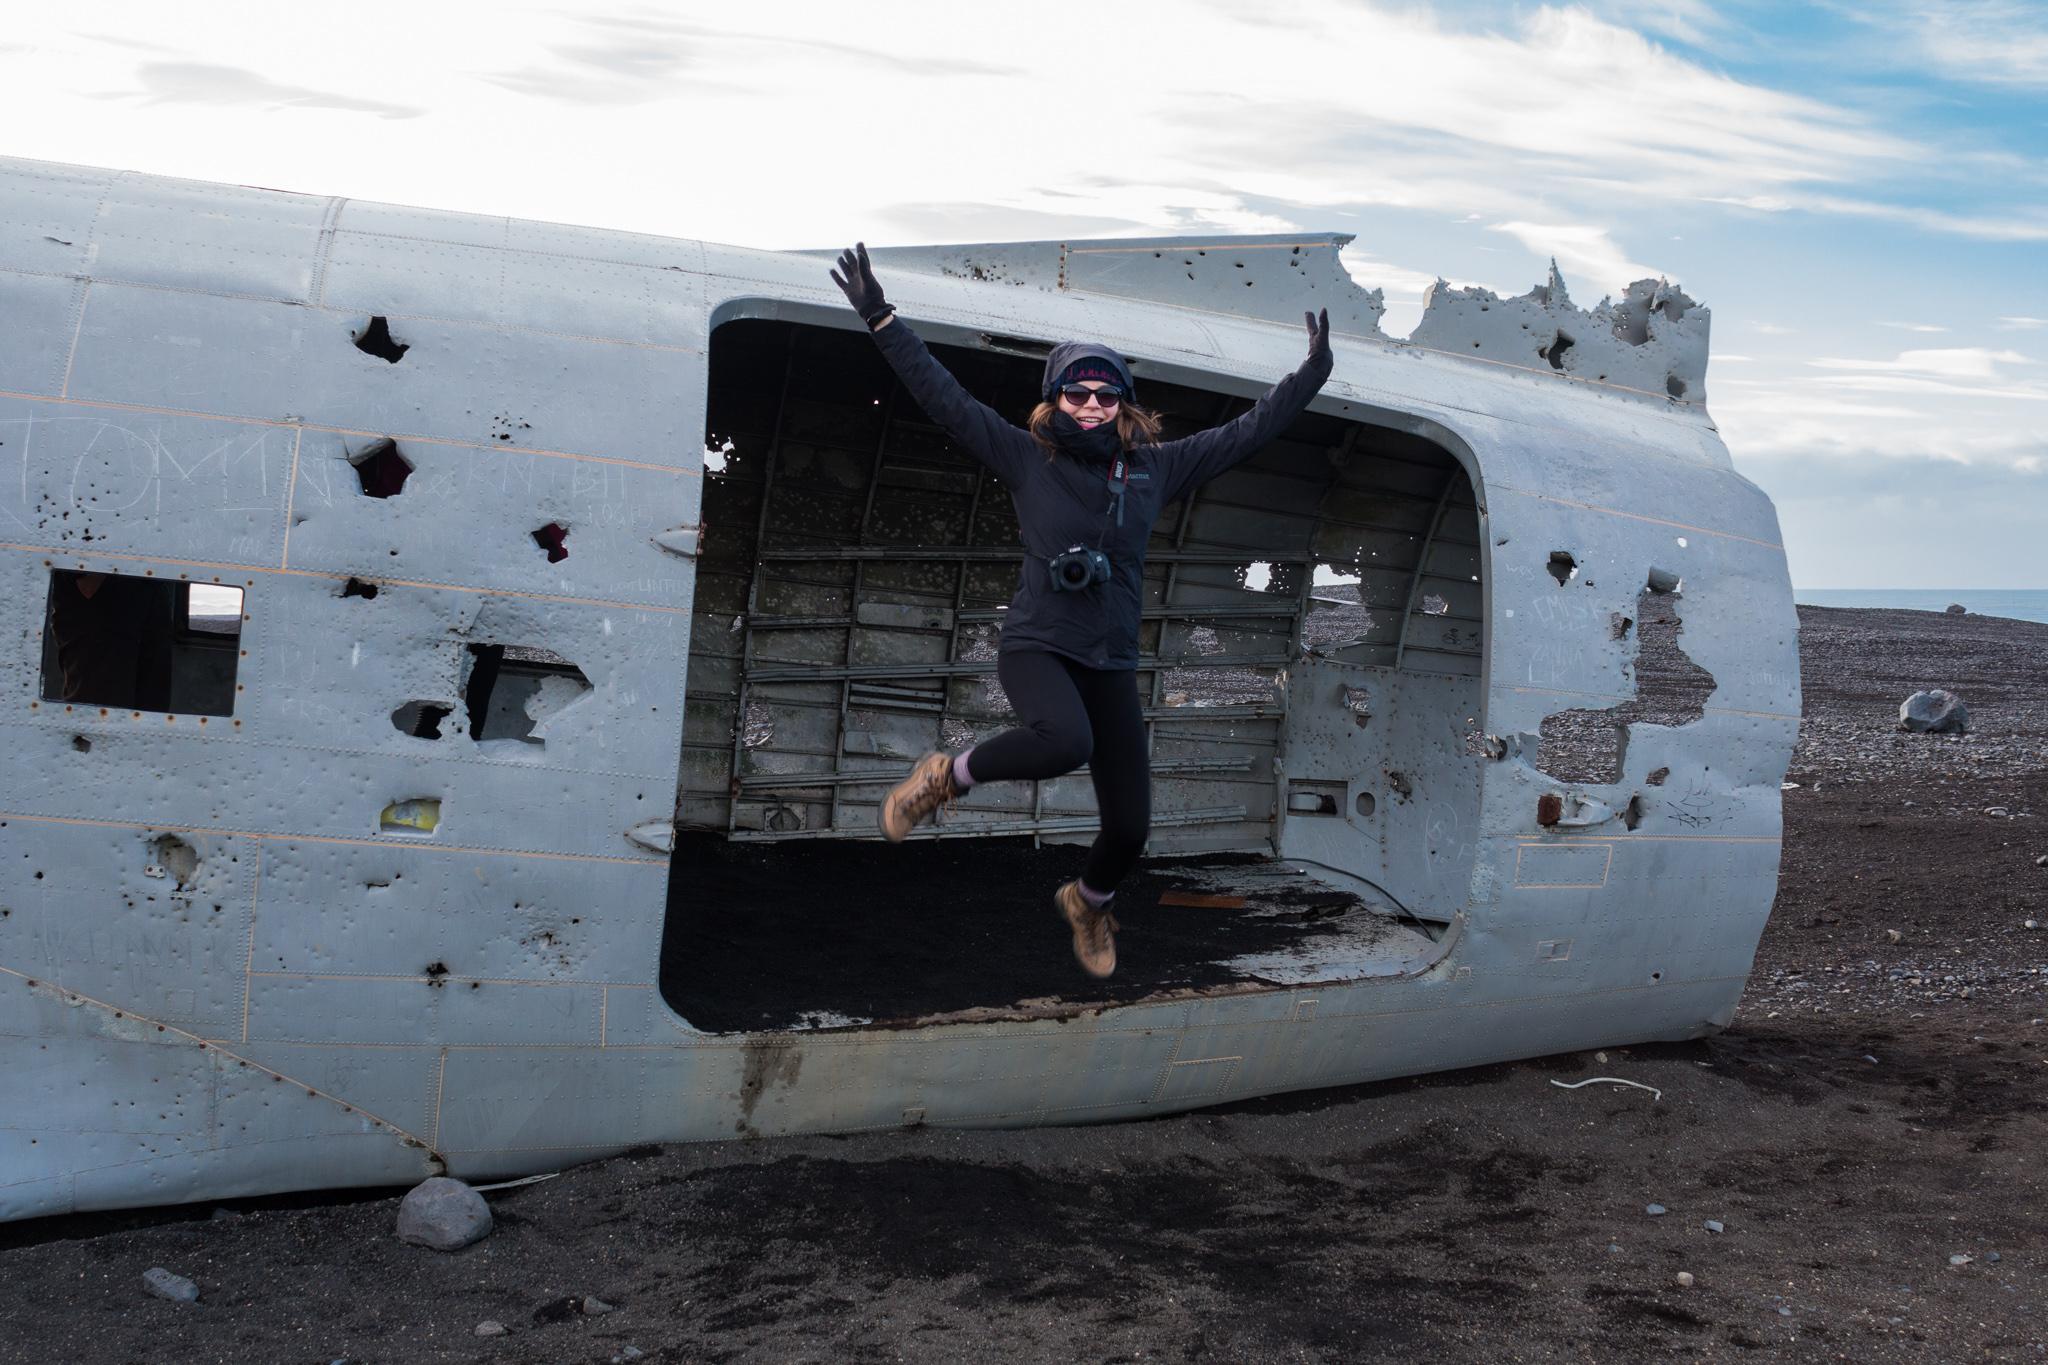 Samolot Dakota na Islandii. Awaryjne lądowanie i skok prawie ze spadochronem. :D